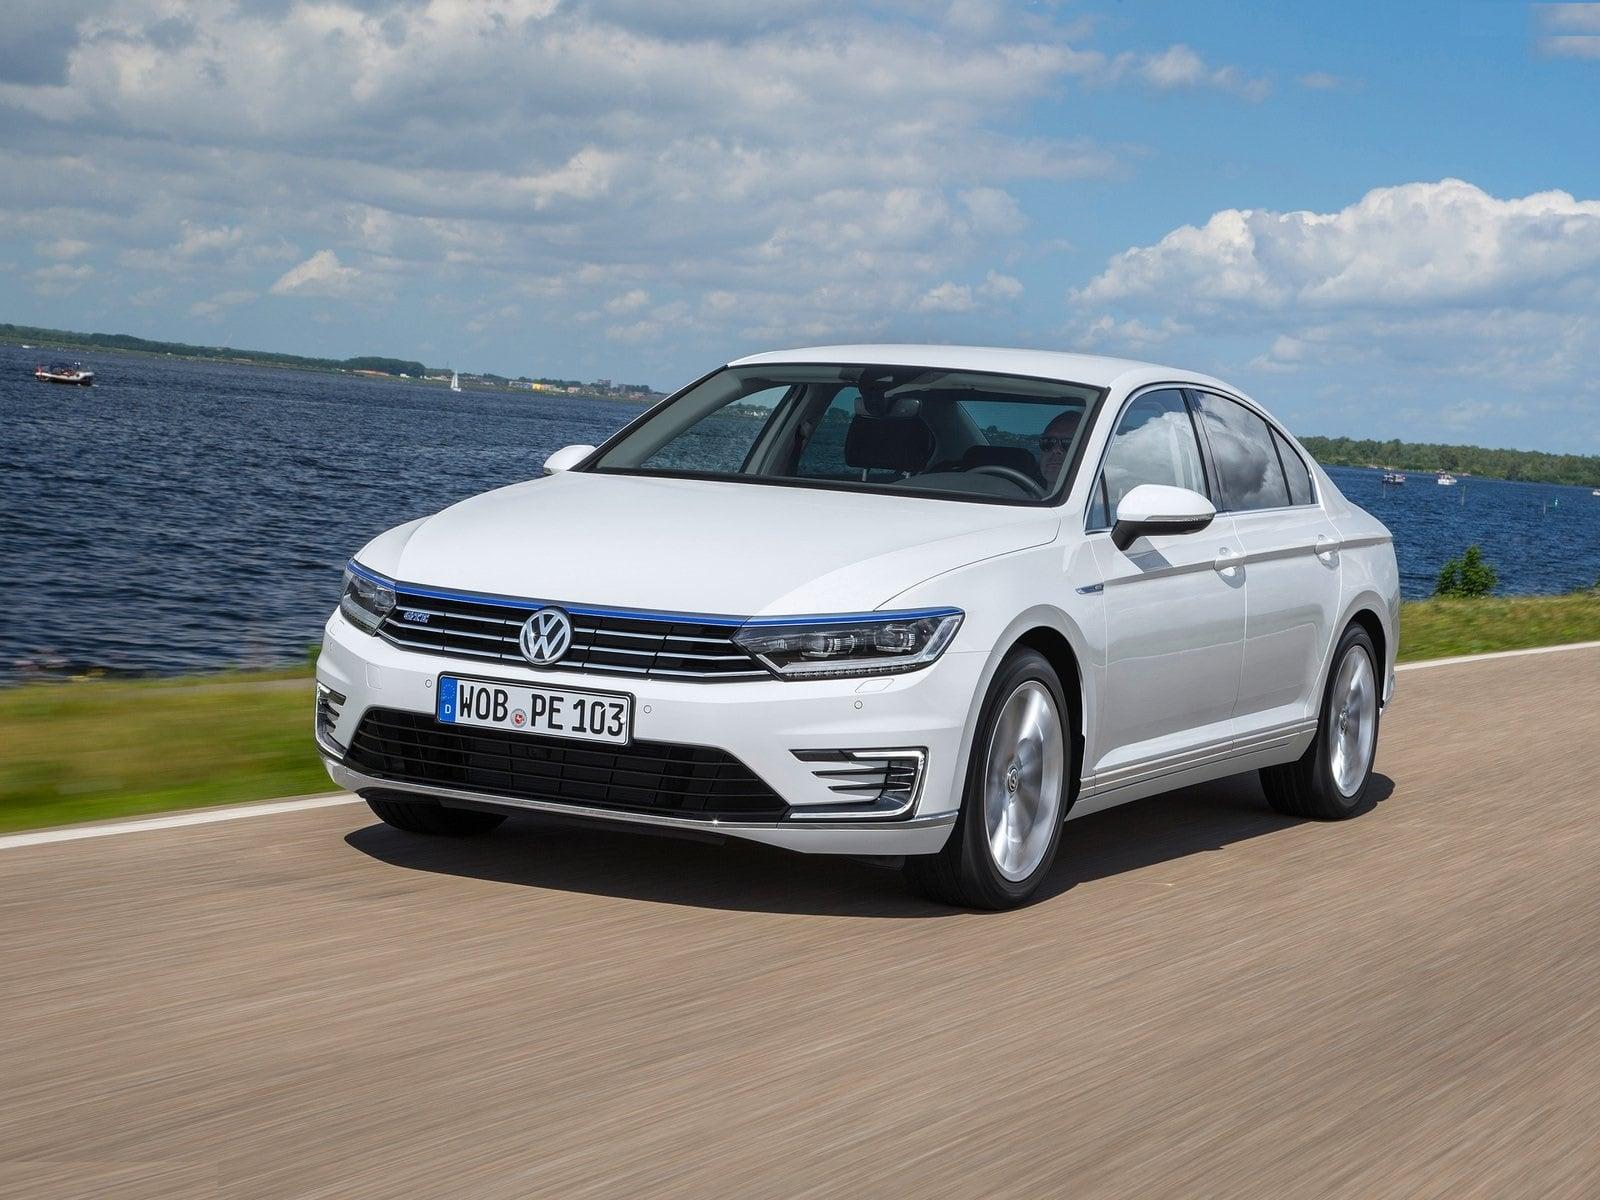 New 2017 Volkswagen Passat India